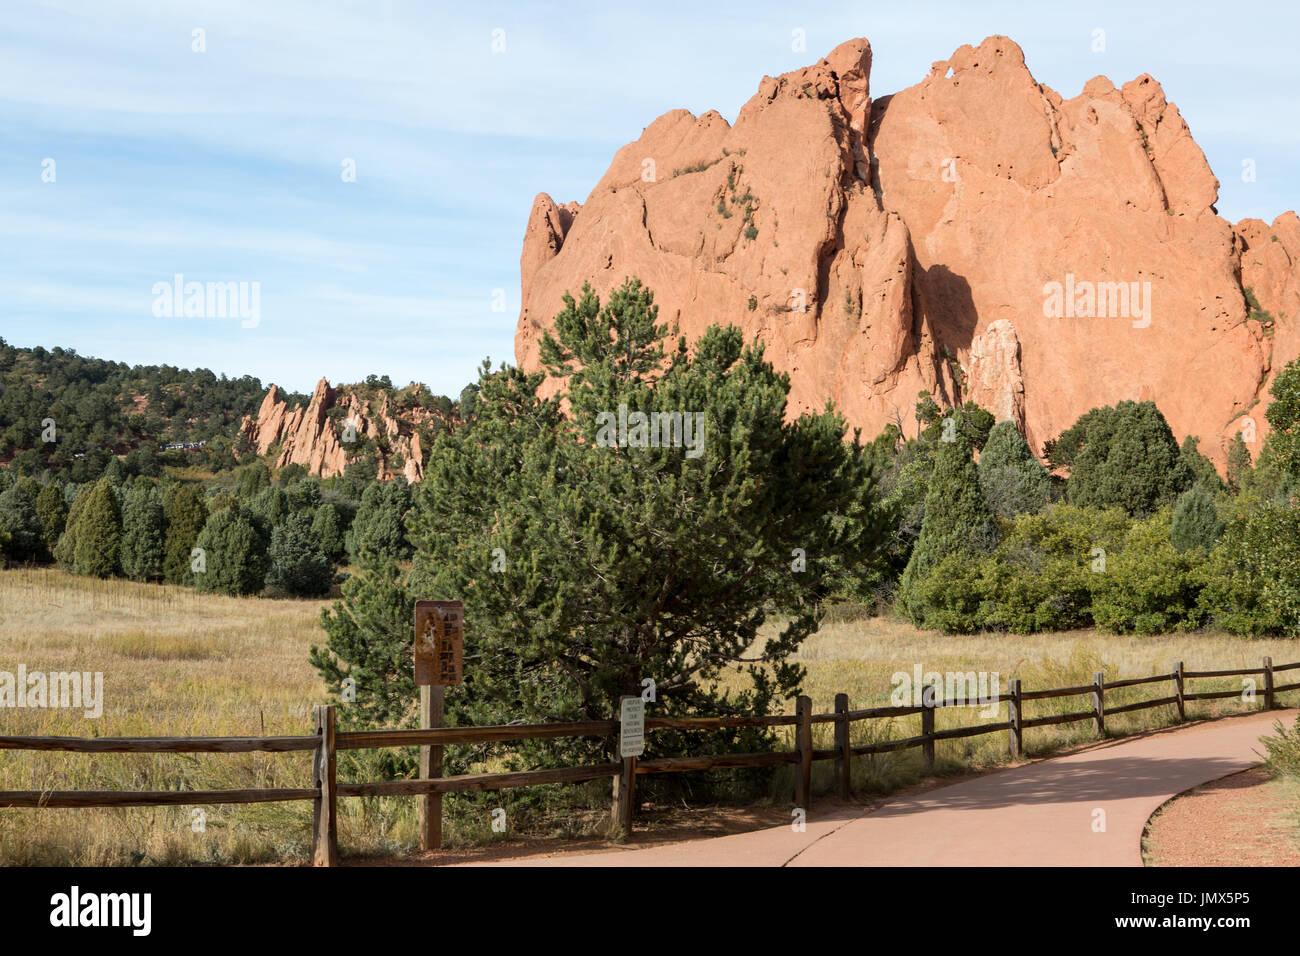 Garden of the gods national park, Colorado Springs Stock Photo ...